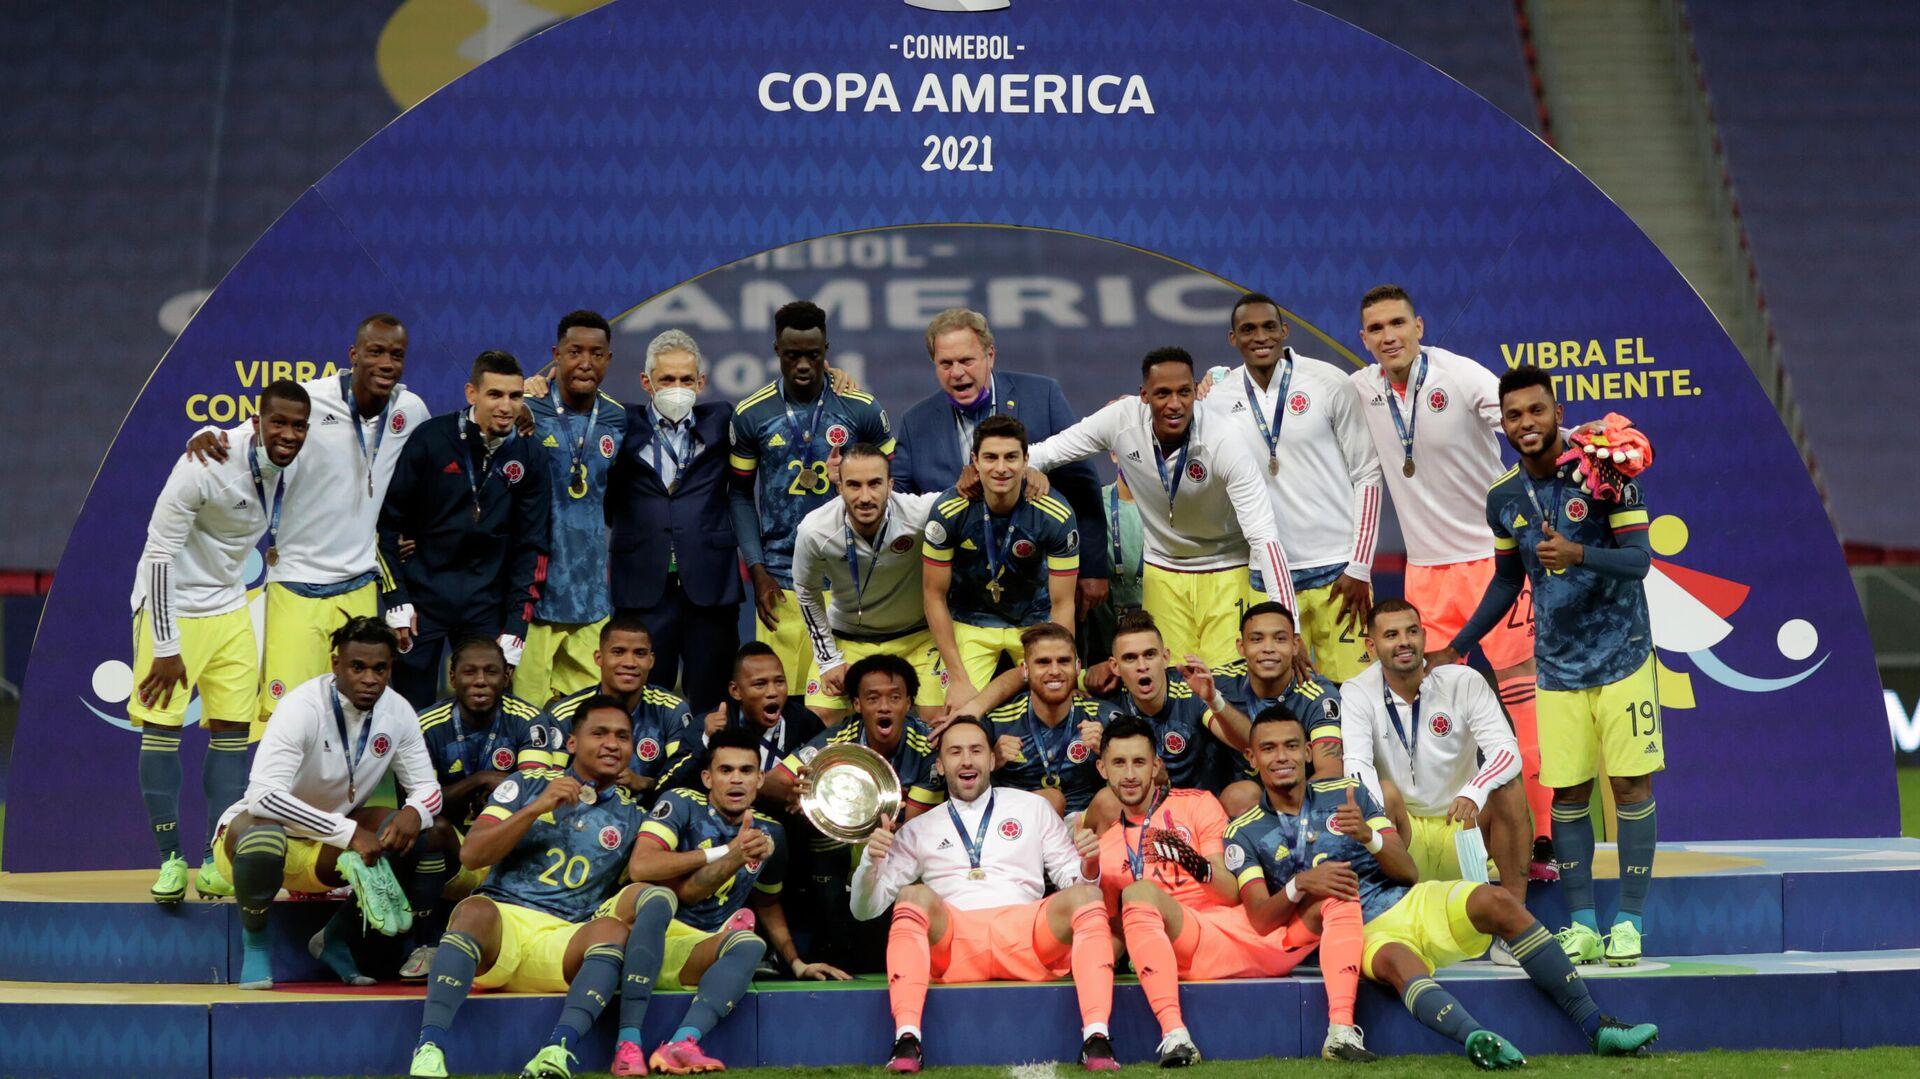 Jugadores de la selección de fútbol de Colombia celebrando el tercer lugar en la Copa América 2021 - Sputnik Mundo, 1920, 10.07.2021